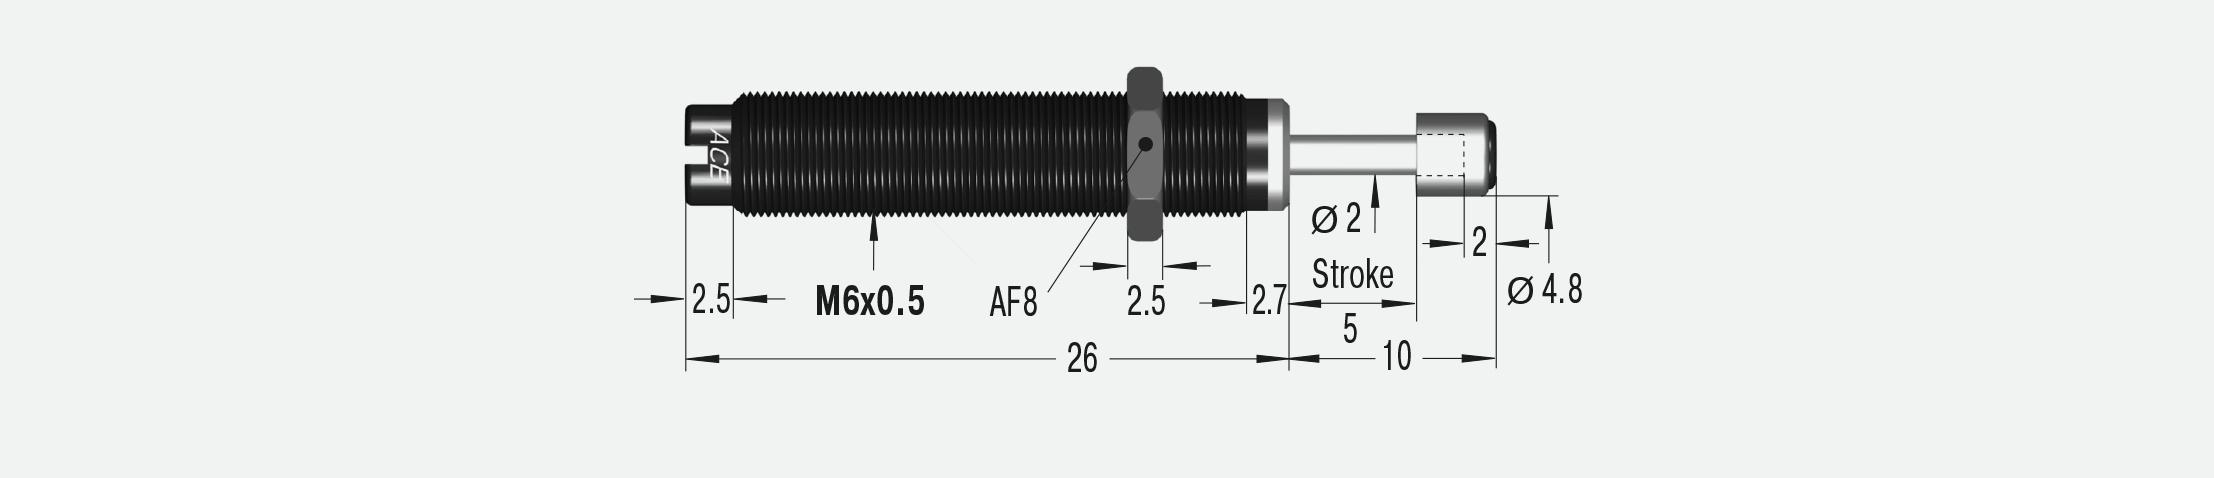 MC9EUM-1-B